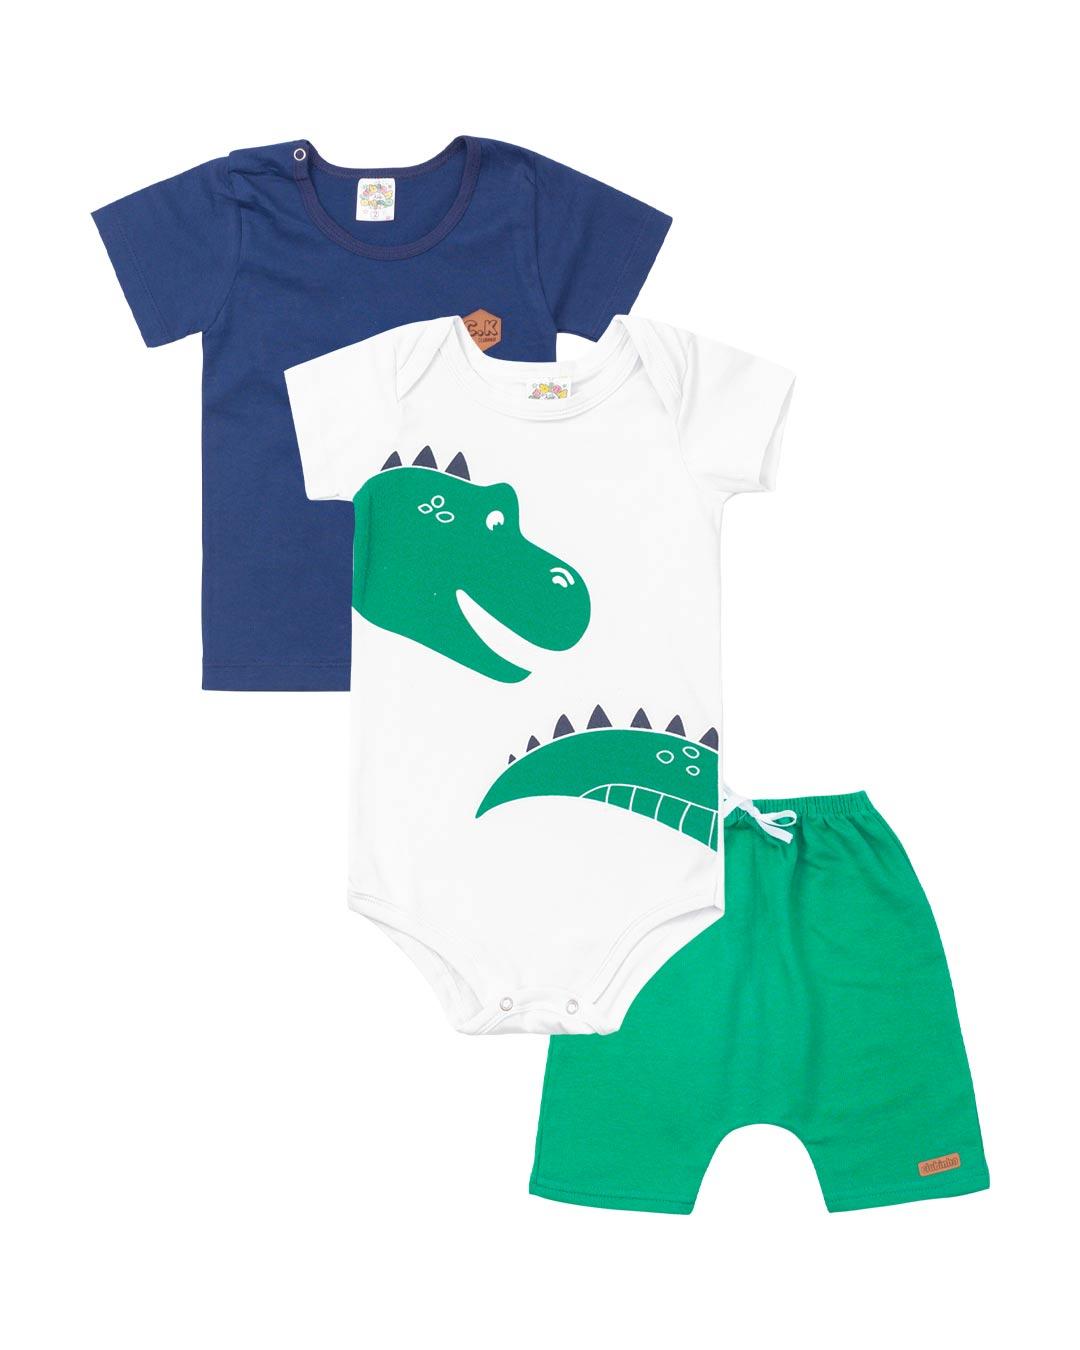 Kit 3 Peças Bebe e Infantil Dinossauro - Clubinho